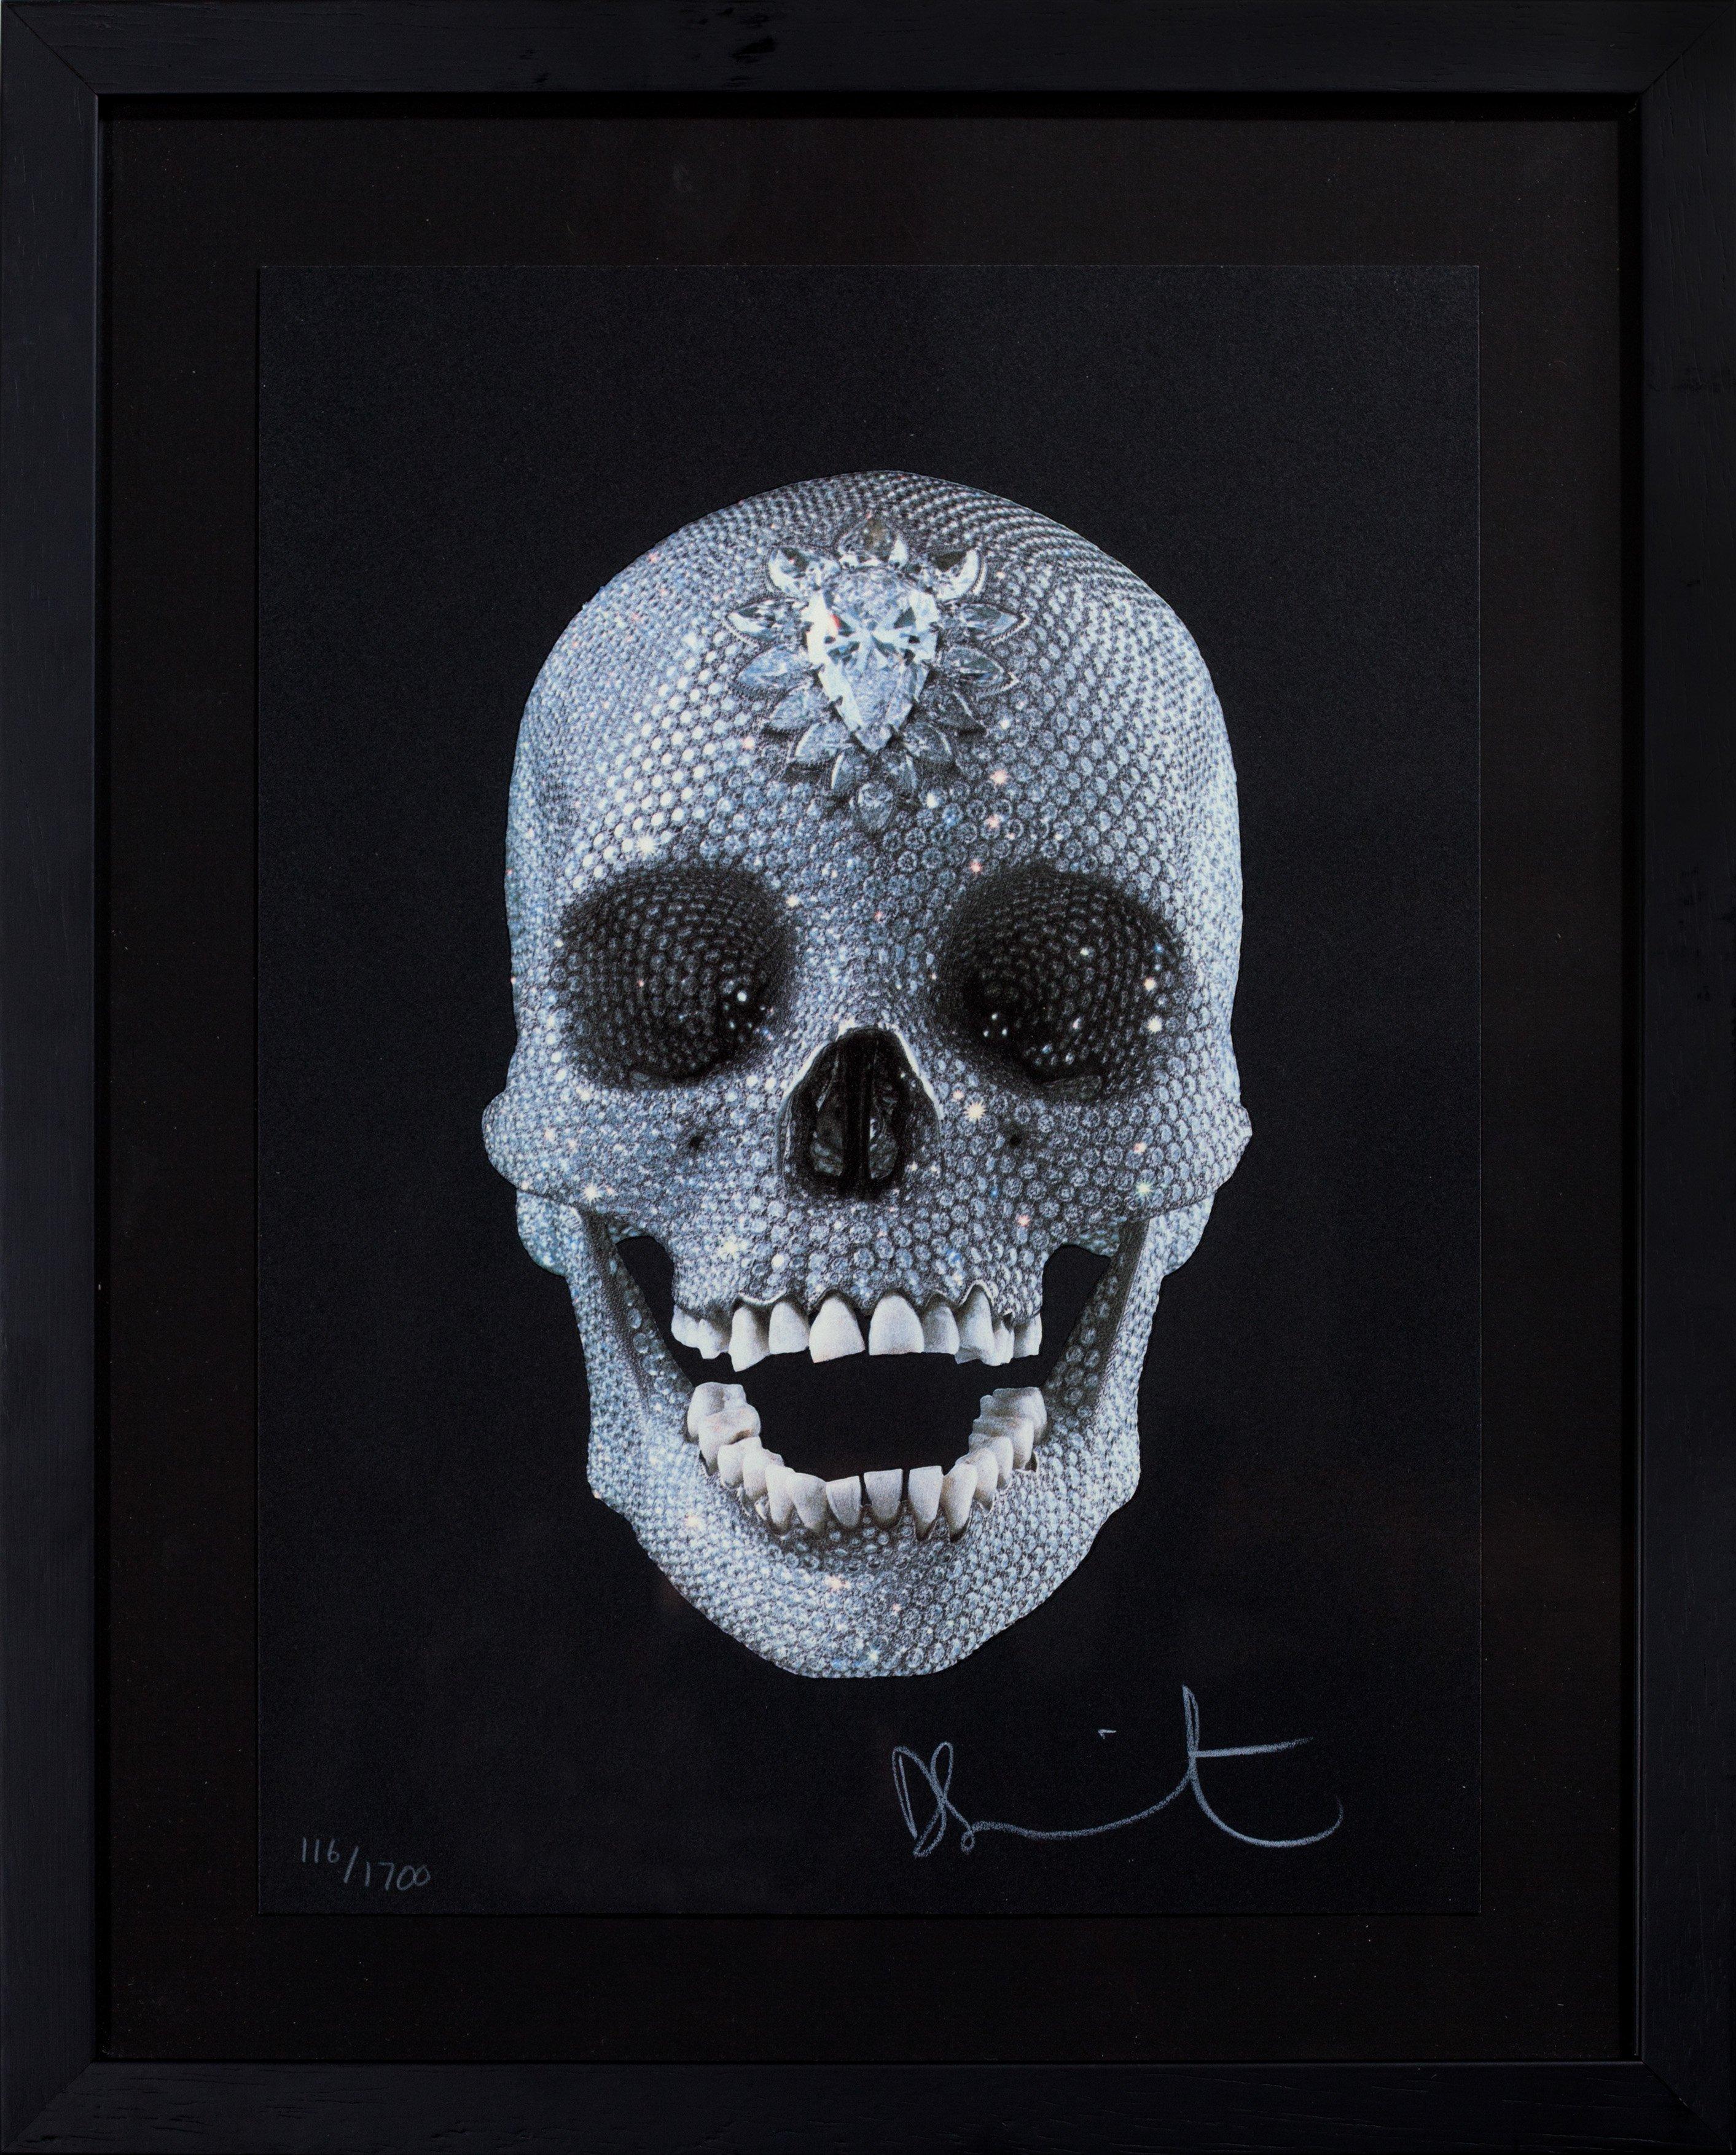 (c) Galerie Ernst Hilger